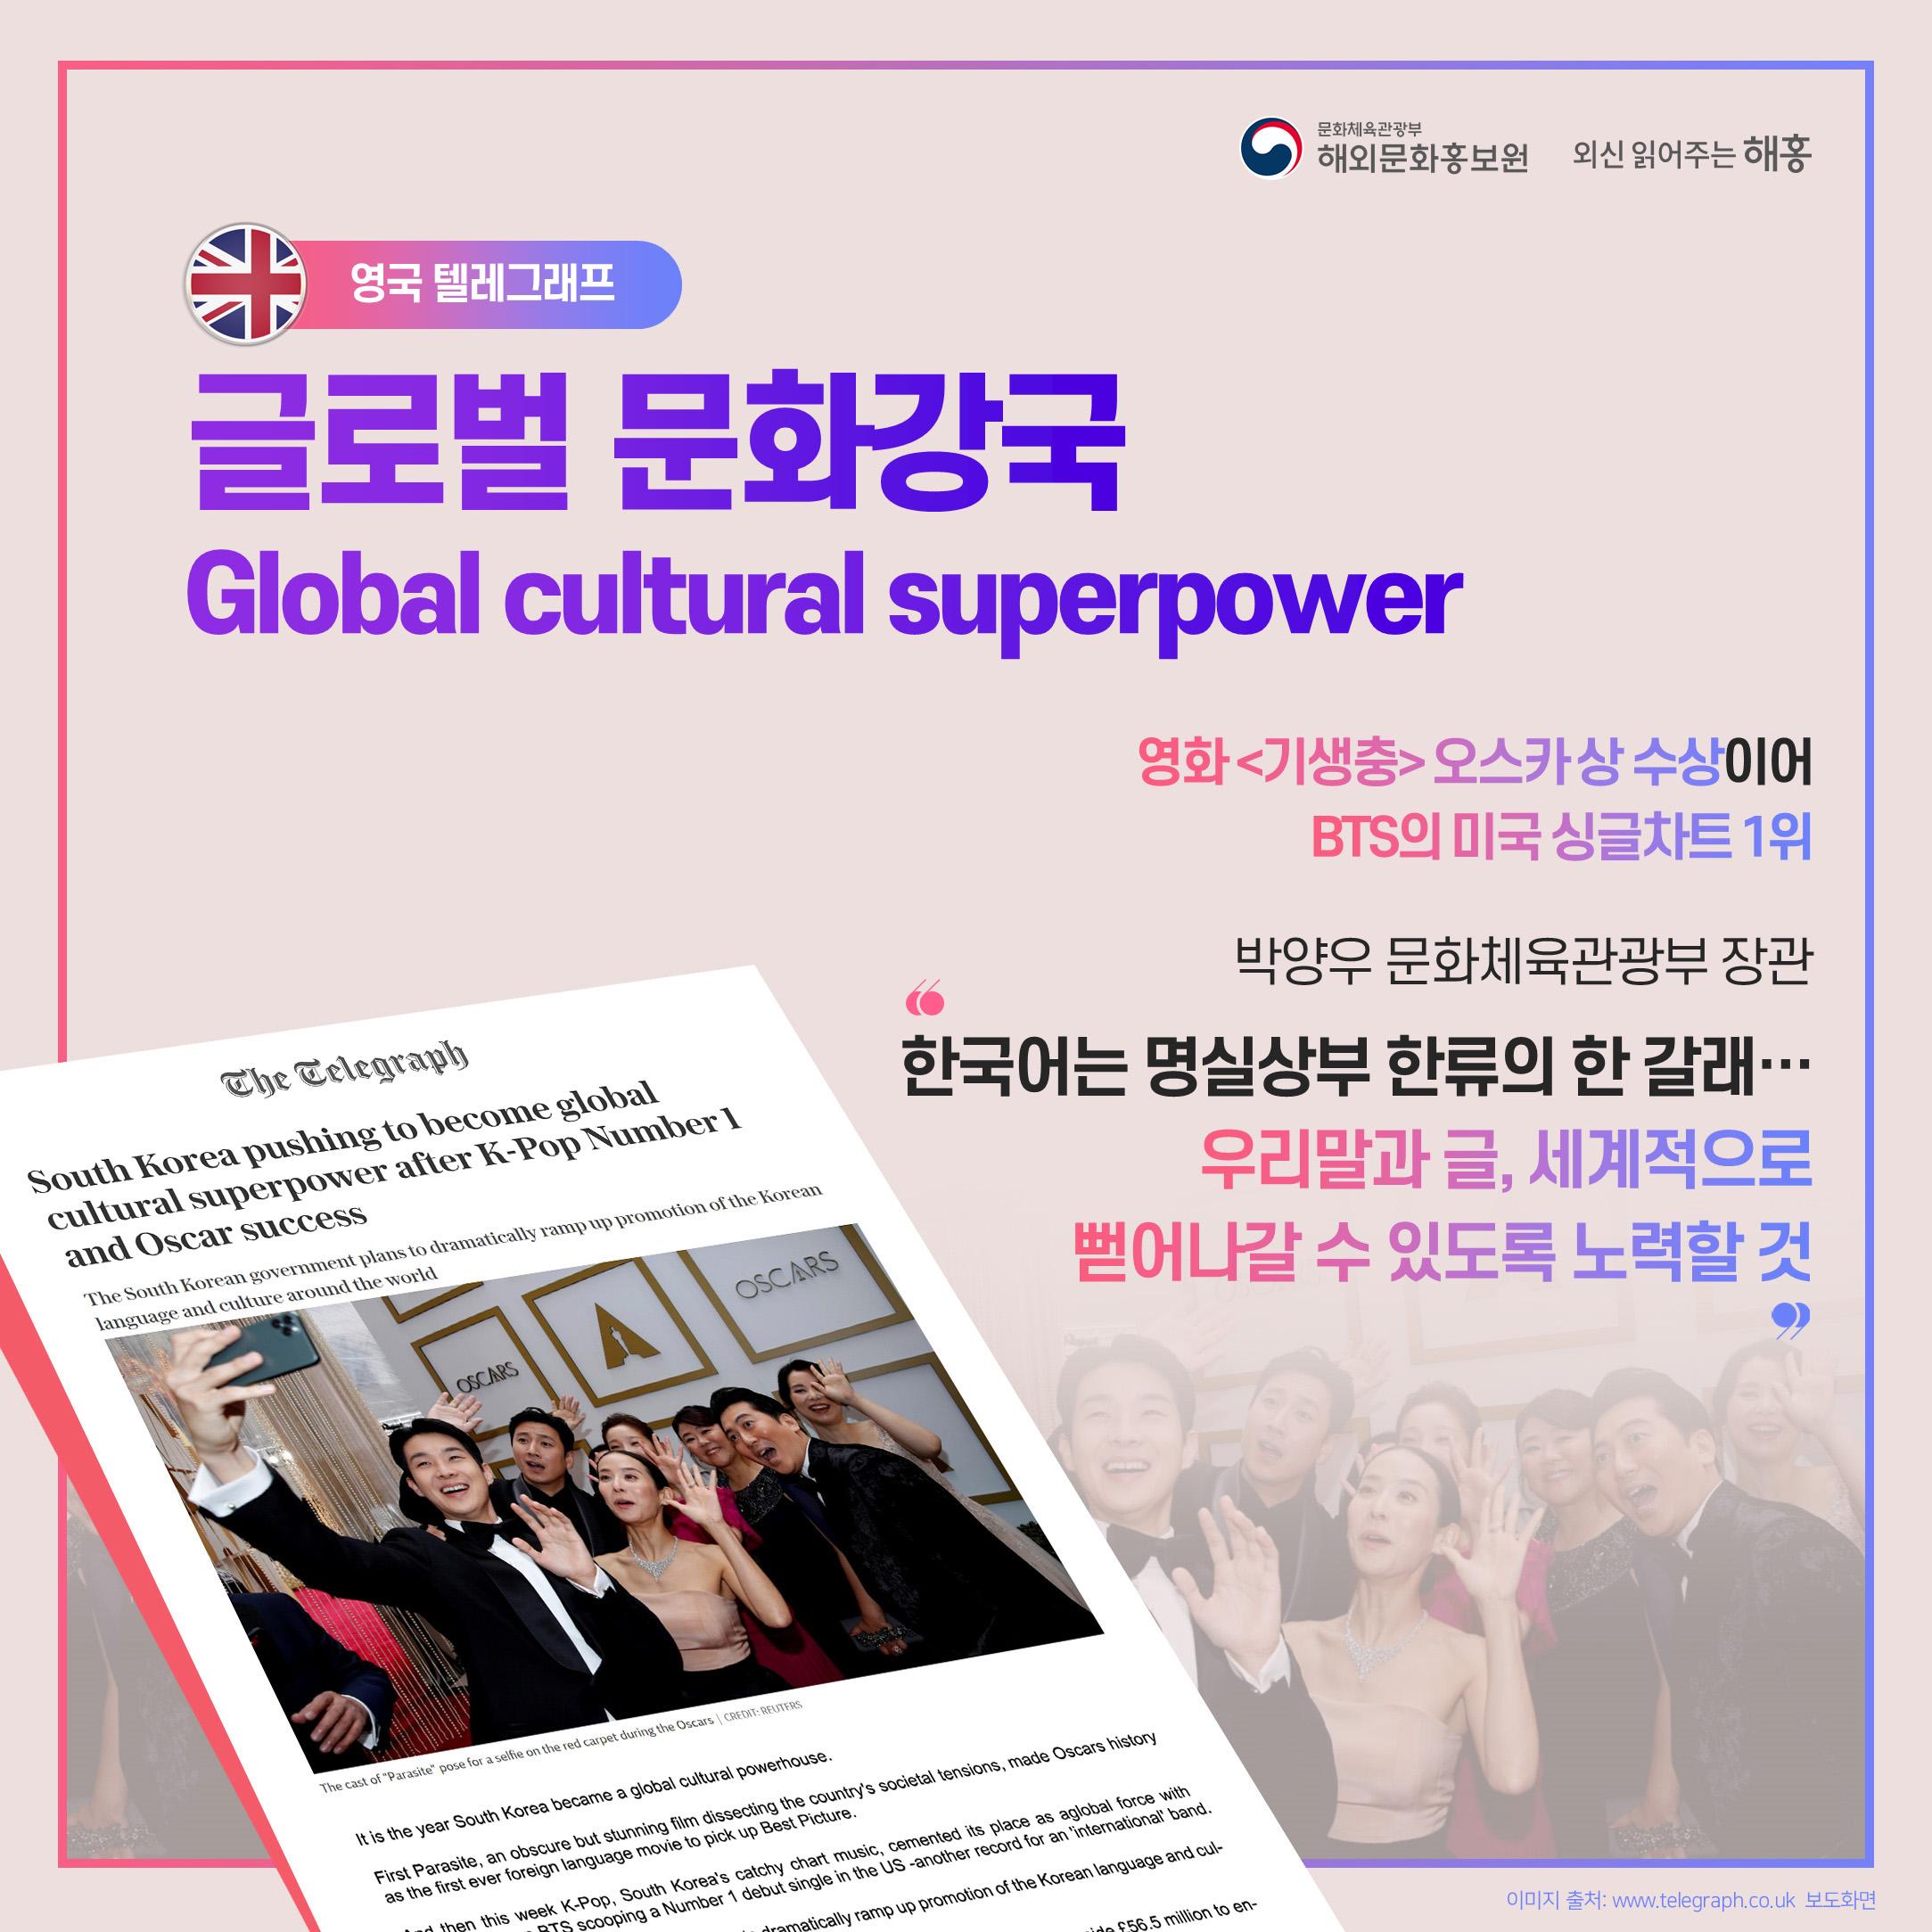 (해외문화홍보원) 외신 카드뉴스 73회_5